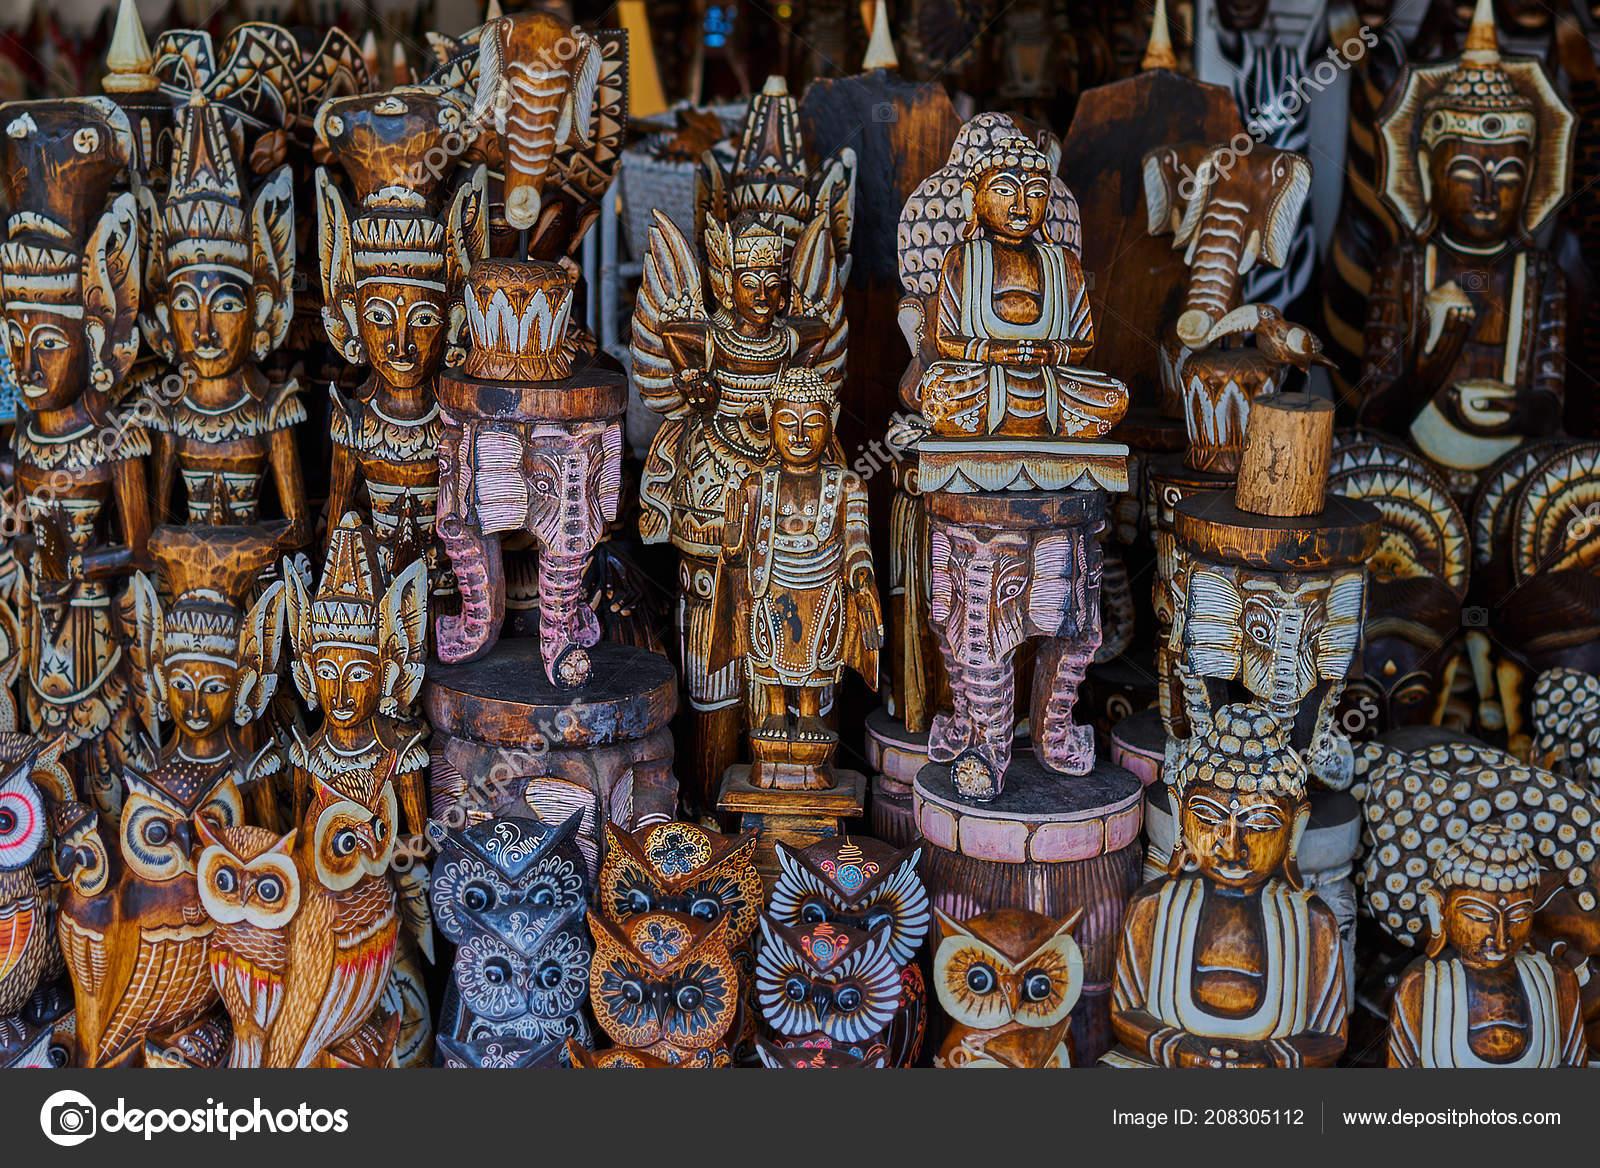 Typical Souvenir Shop Selling Souvenirs Handicrafts Bali Famous Ubud